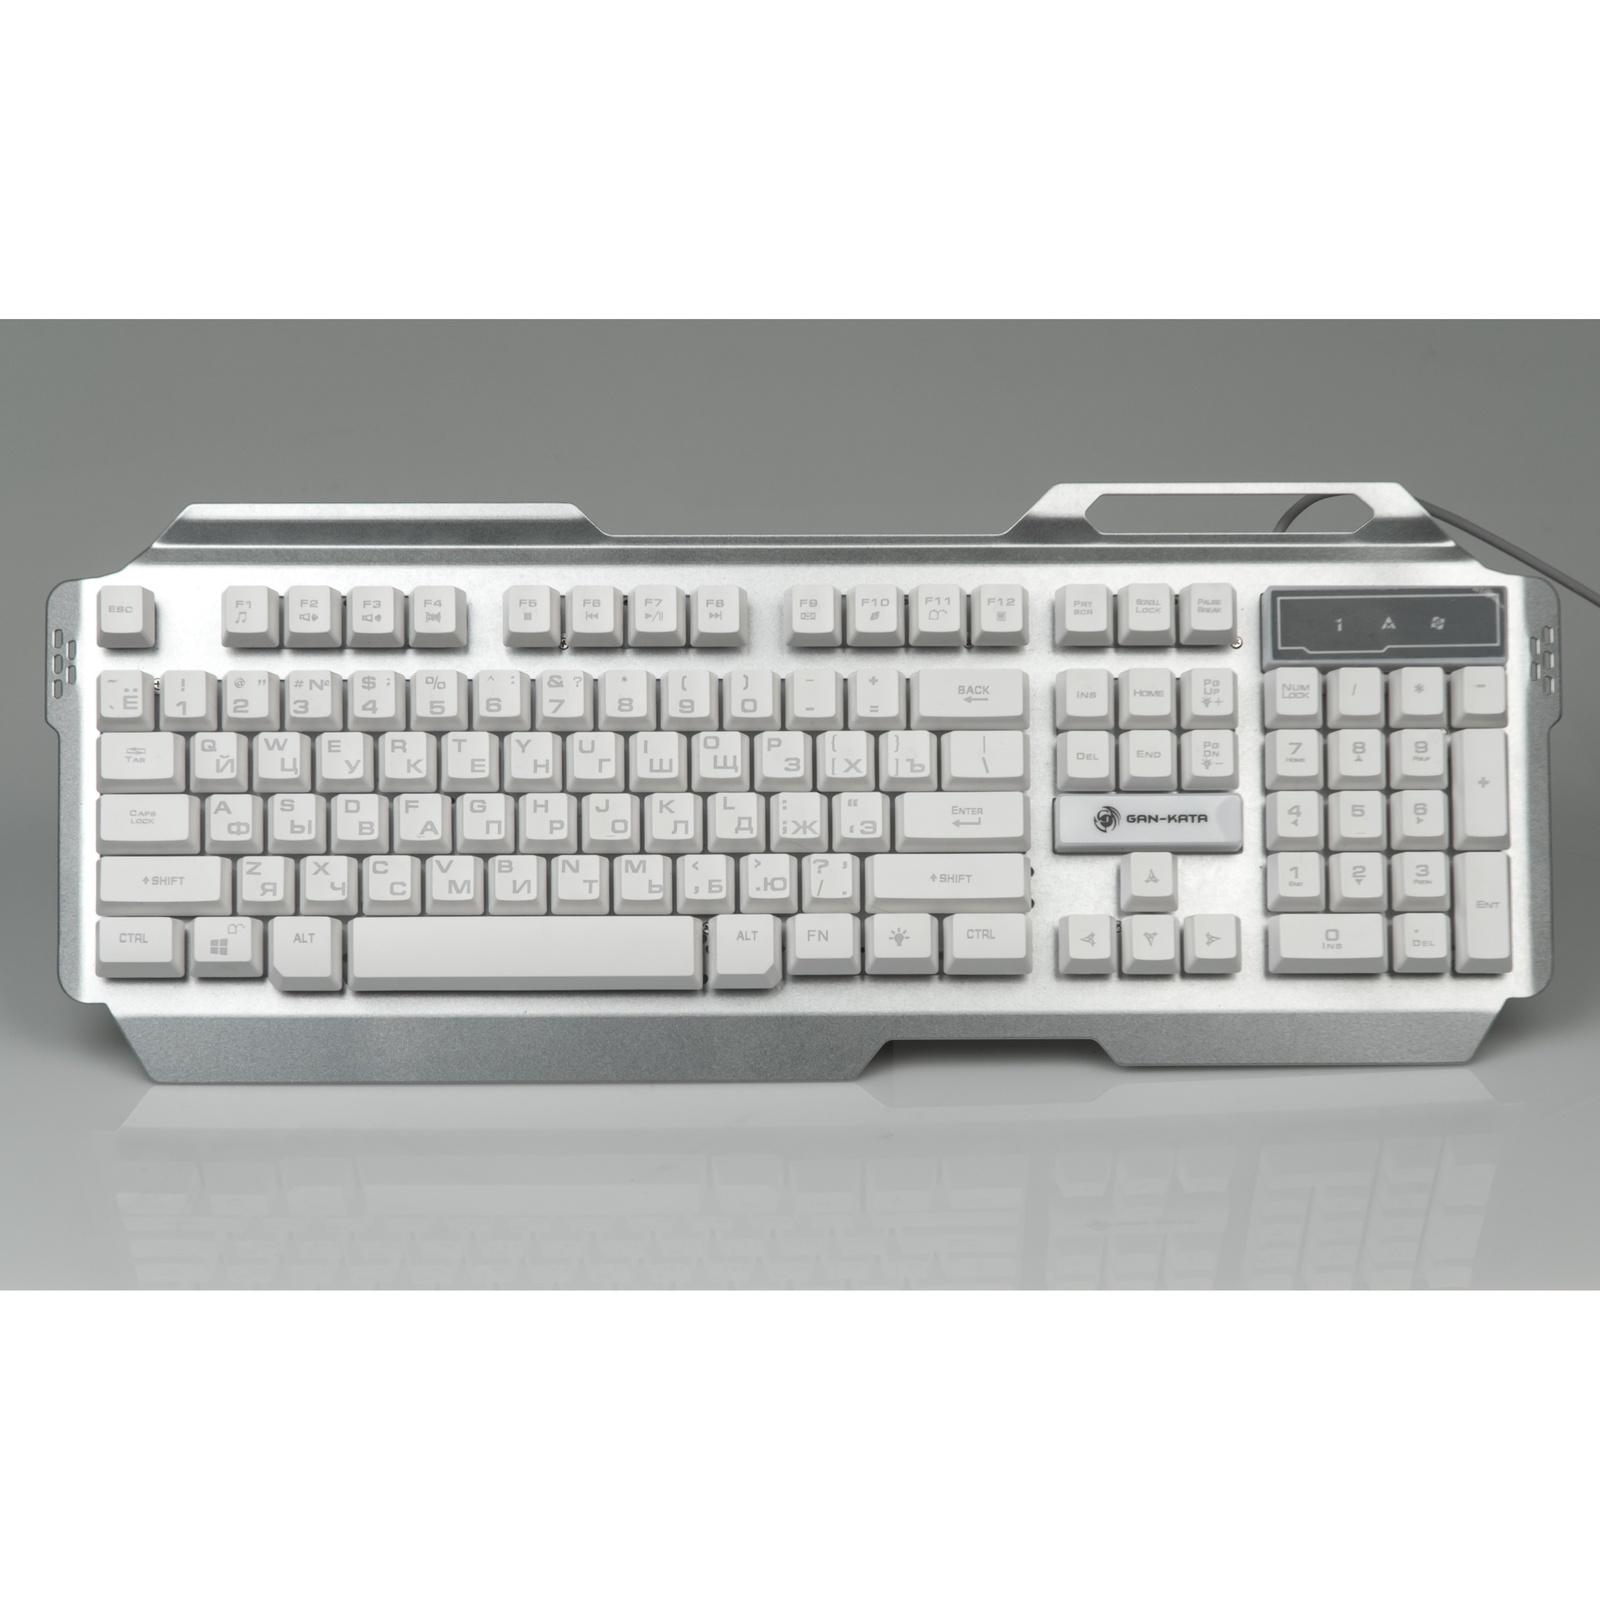 Клавиатура DIALOG KGK-25U, Gan-Kata, серебро, игровая, с подсветкой 3 цвета , корпус металл, USB клавиатура самсунг не переключает язык